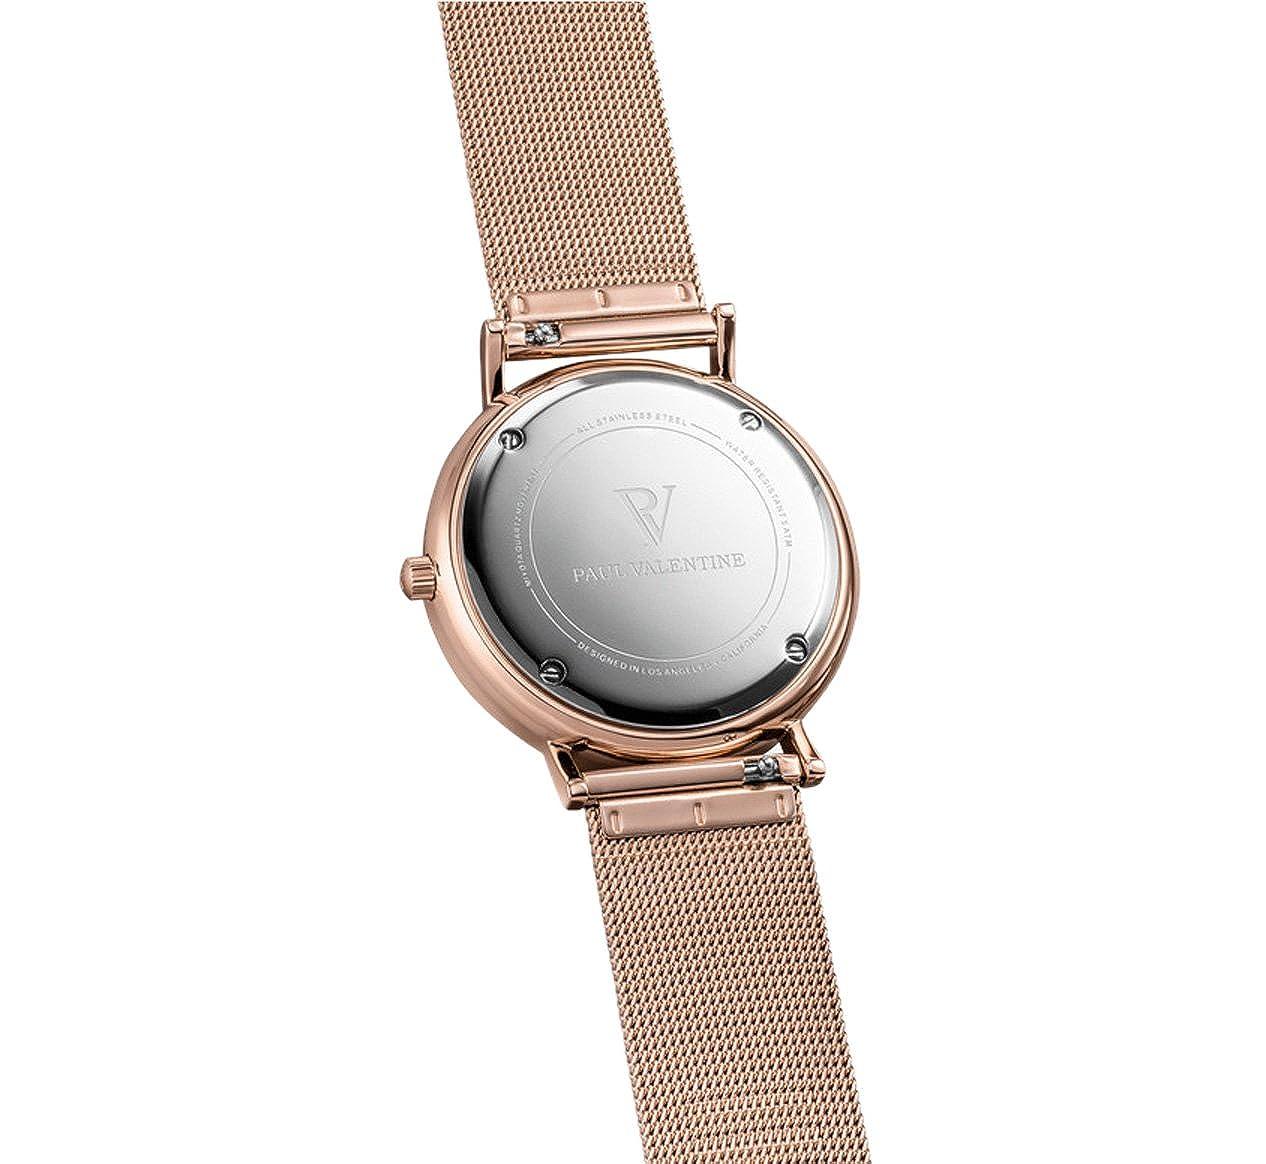 Reloj de pulsera Paul Valentine | Esfera Seashell de color oro rosa | Reloj para mujer con un diseño elegante y atemporal. Pulsera de alta calidad y acabado ...